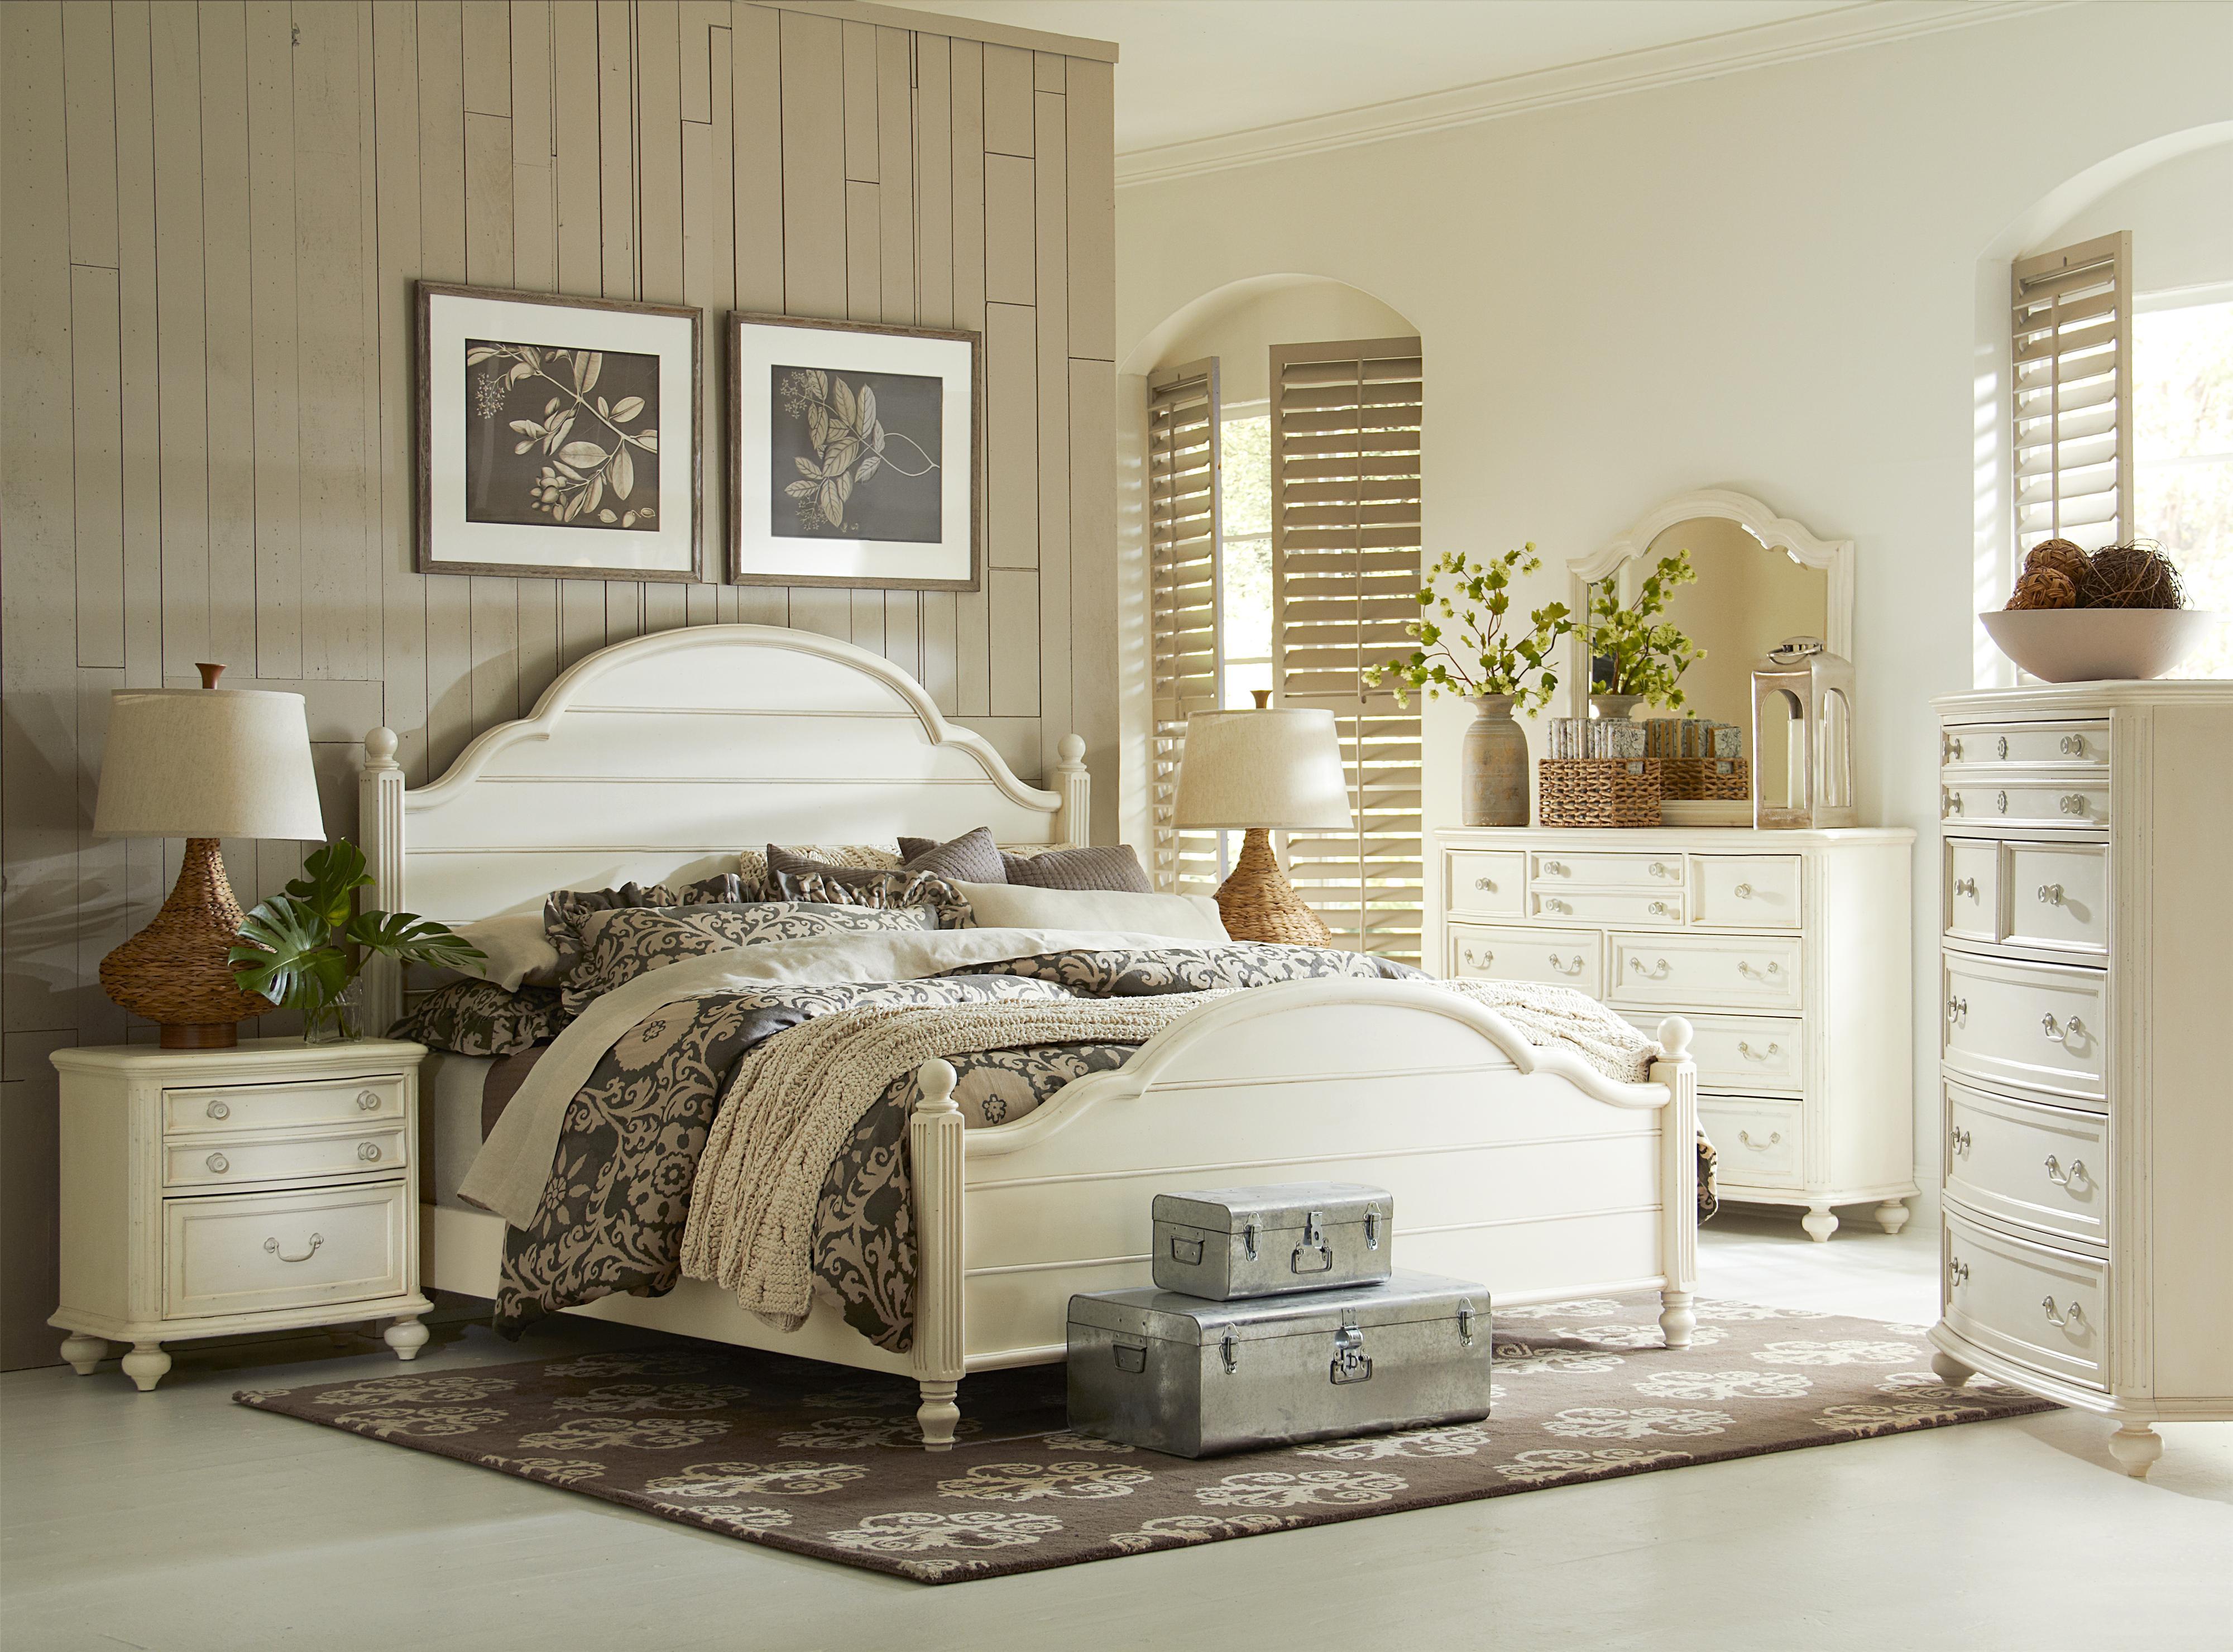 legacy classic haven queen bedroom group 2 ahfa bedroom group